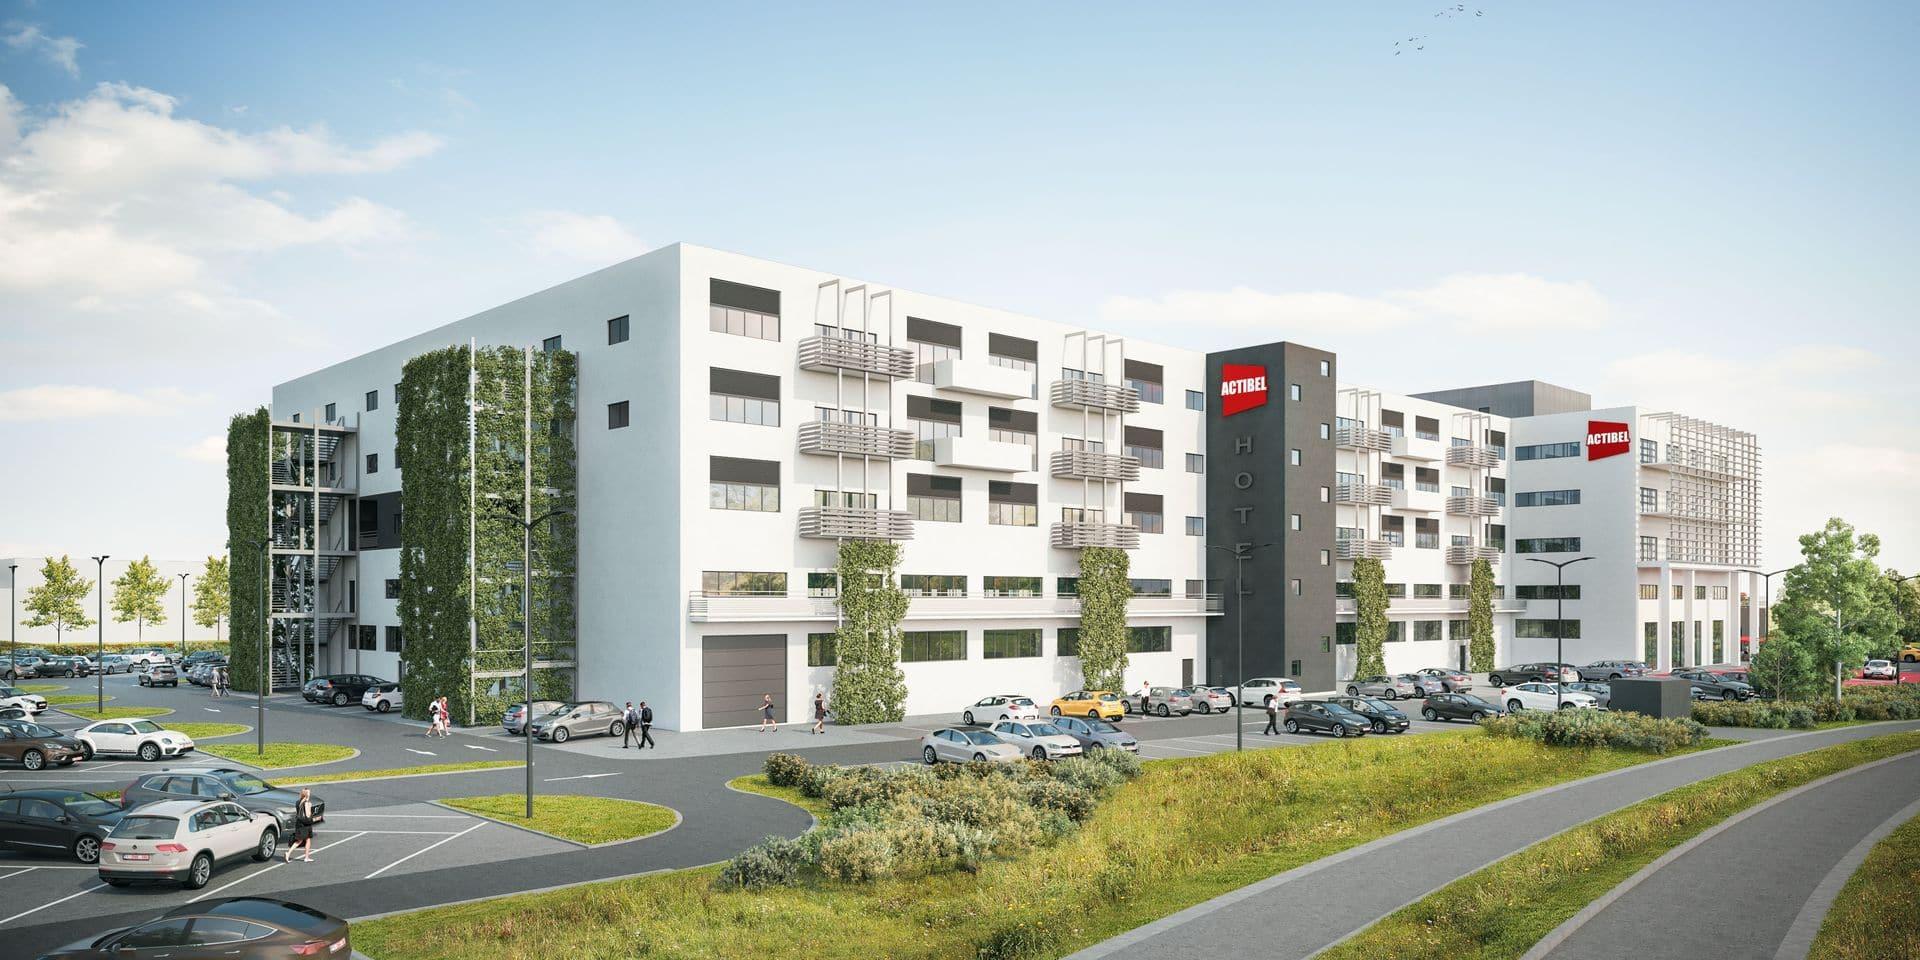 Toutes les entrées de Namur seront couvertes par des hôtels